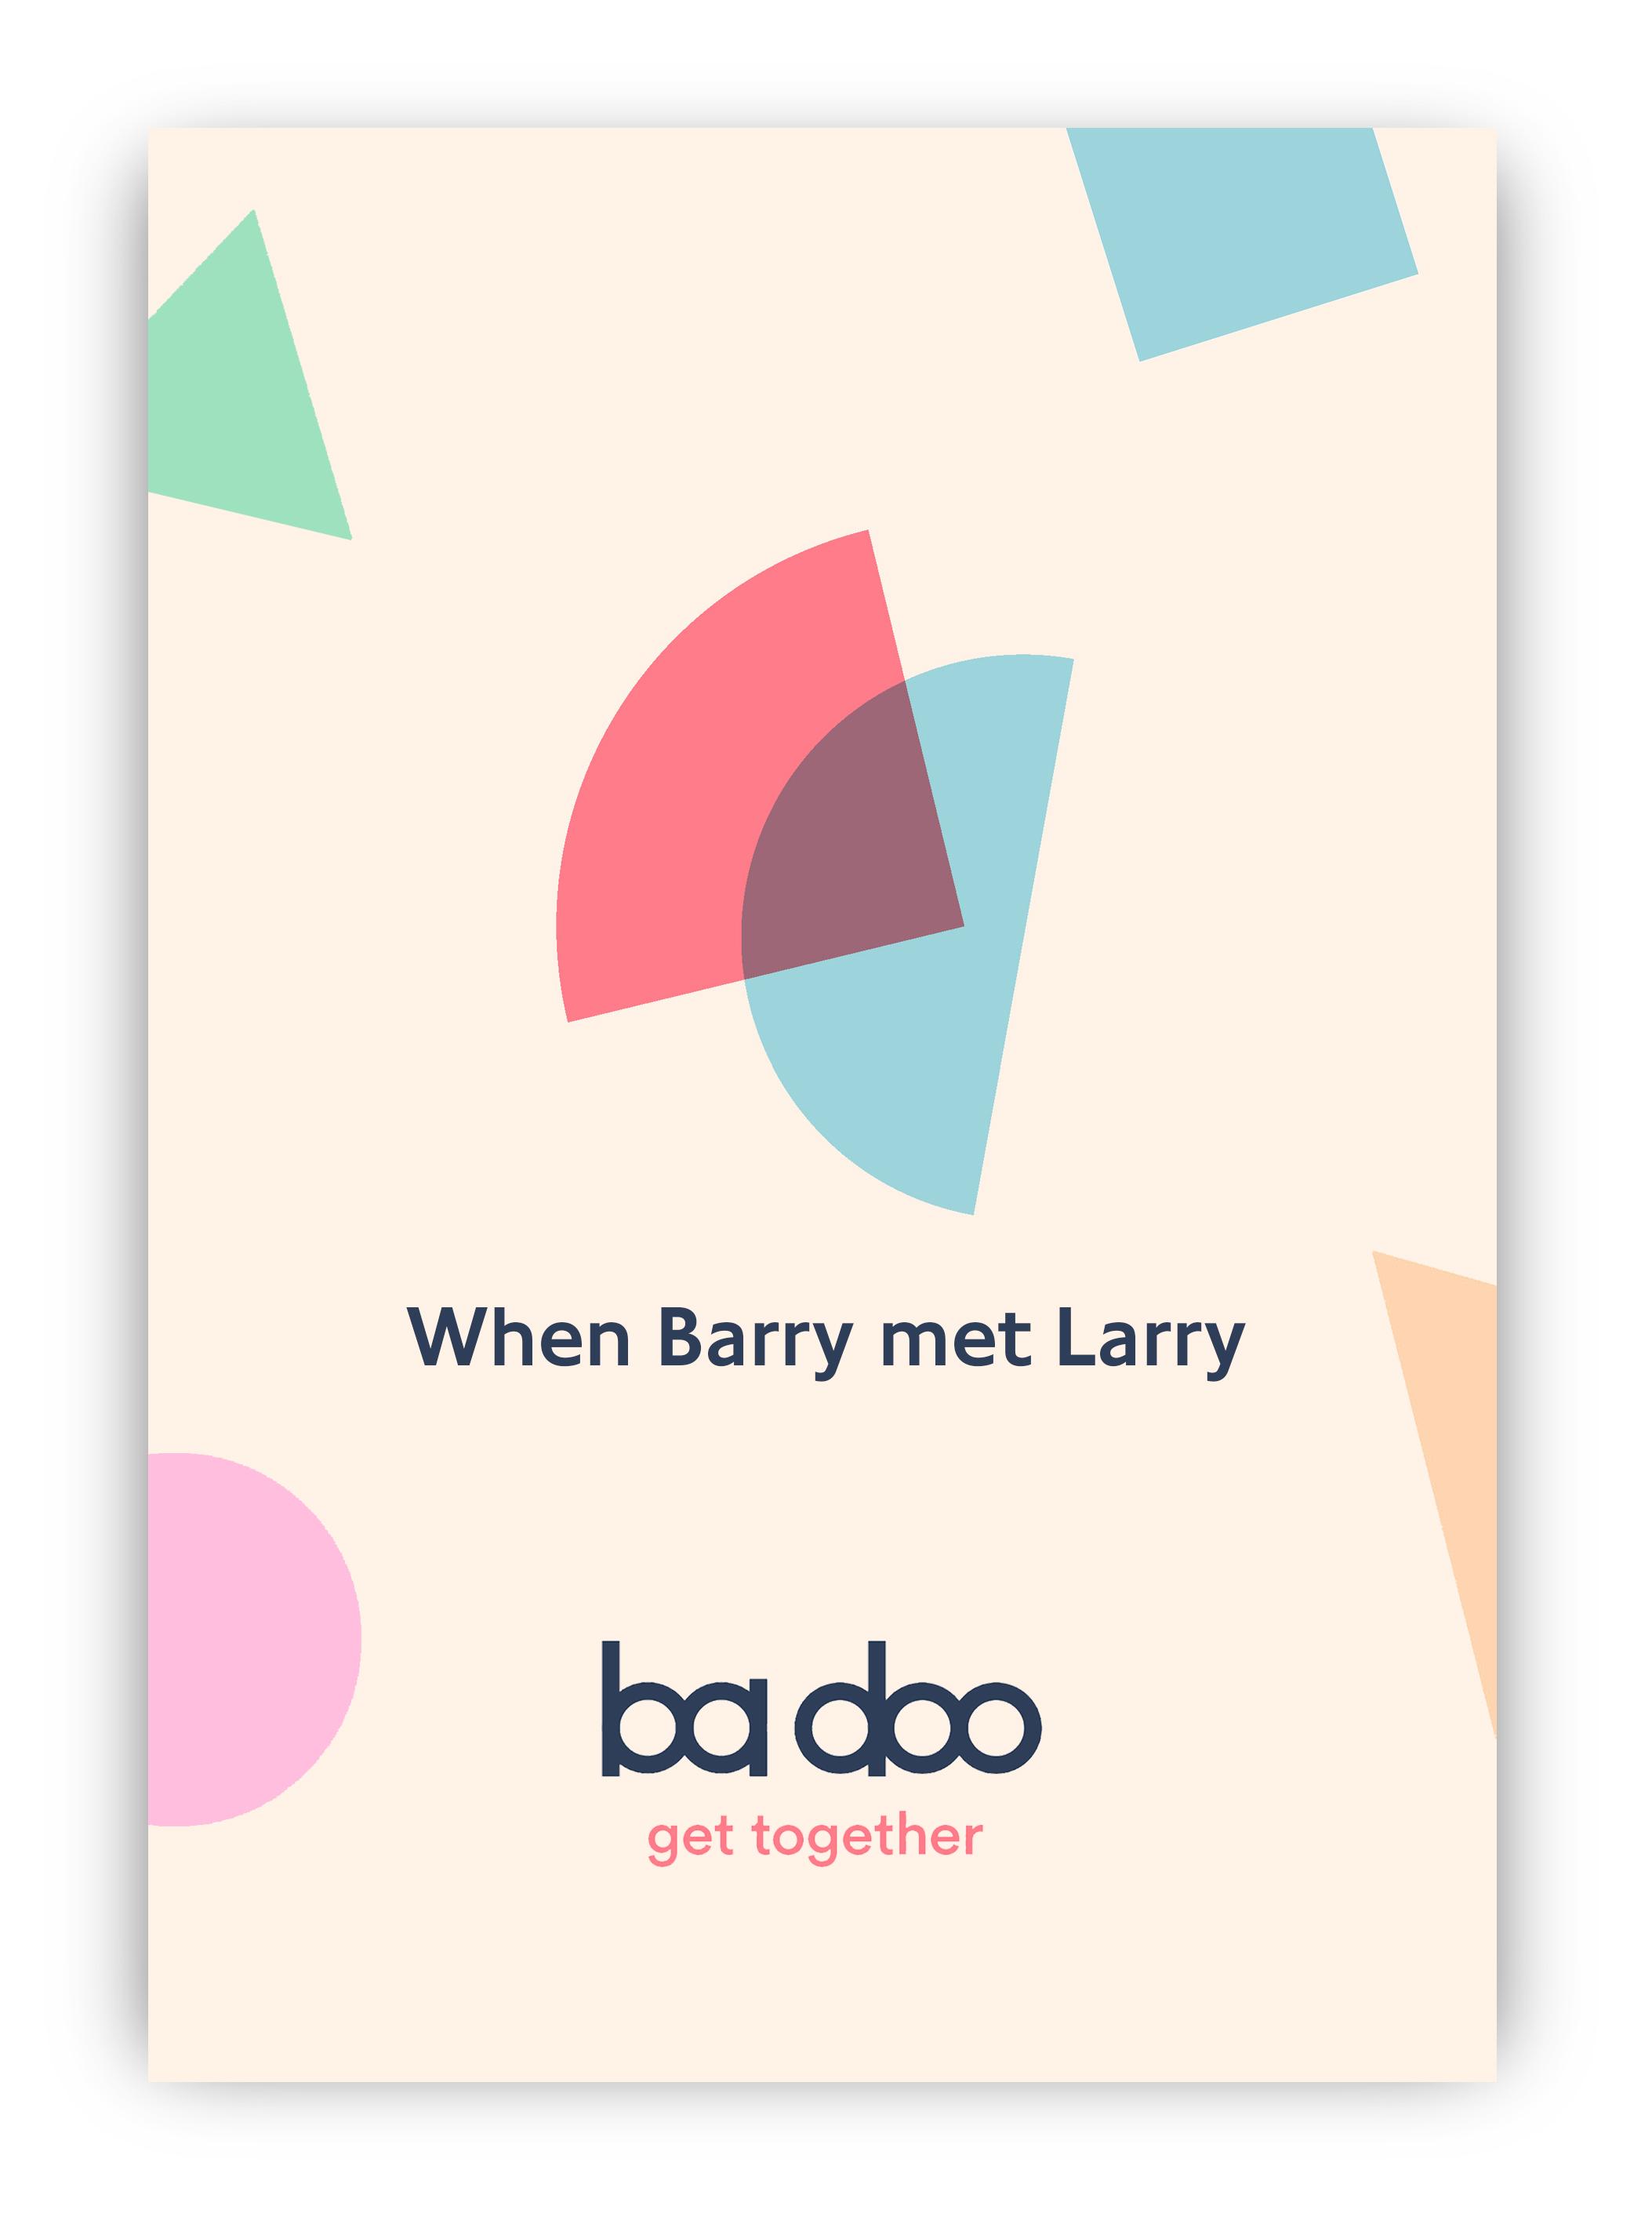 Site-ul Badoo și aplicația de dating Bumble valorează 3 miliarde de dolari